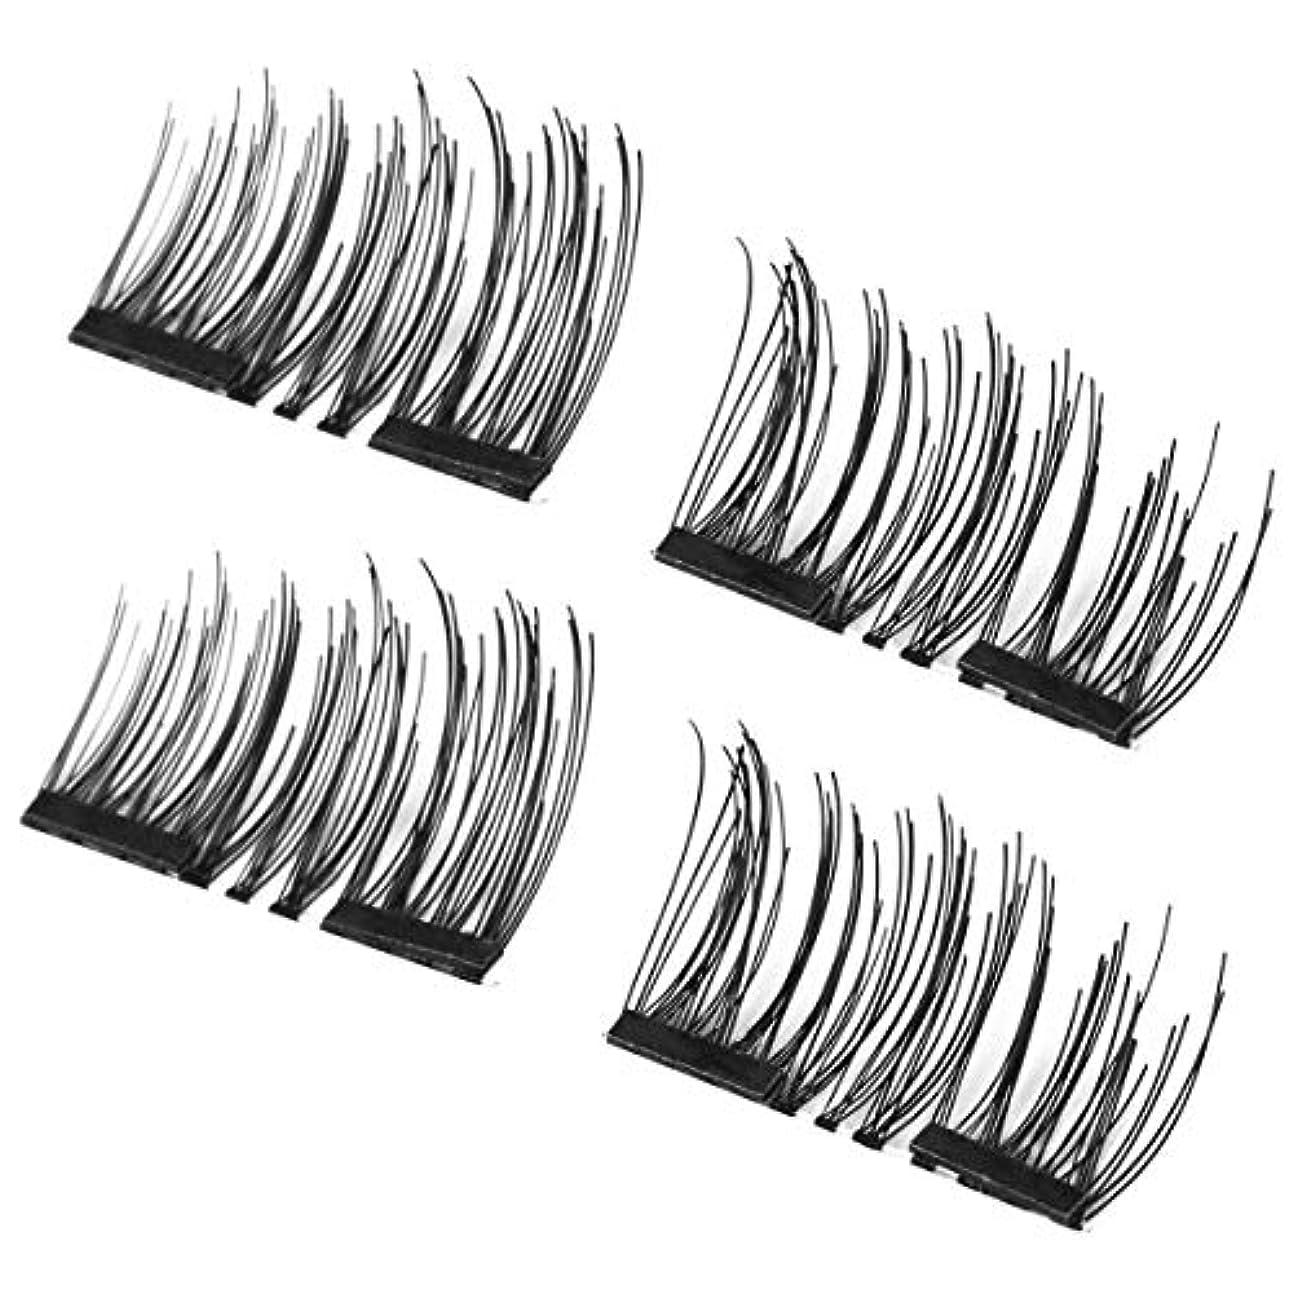 作る住人モッキンバードintercorey偽まつげ4ピース/セット軽量ナチュラル厚い目まつげ3d磁気手作り耐久性のある女性厚いつけまつげツール001